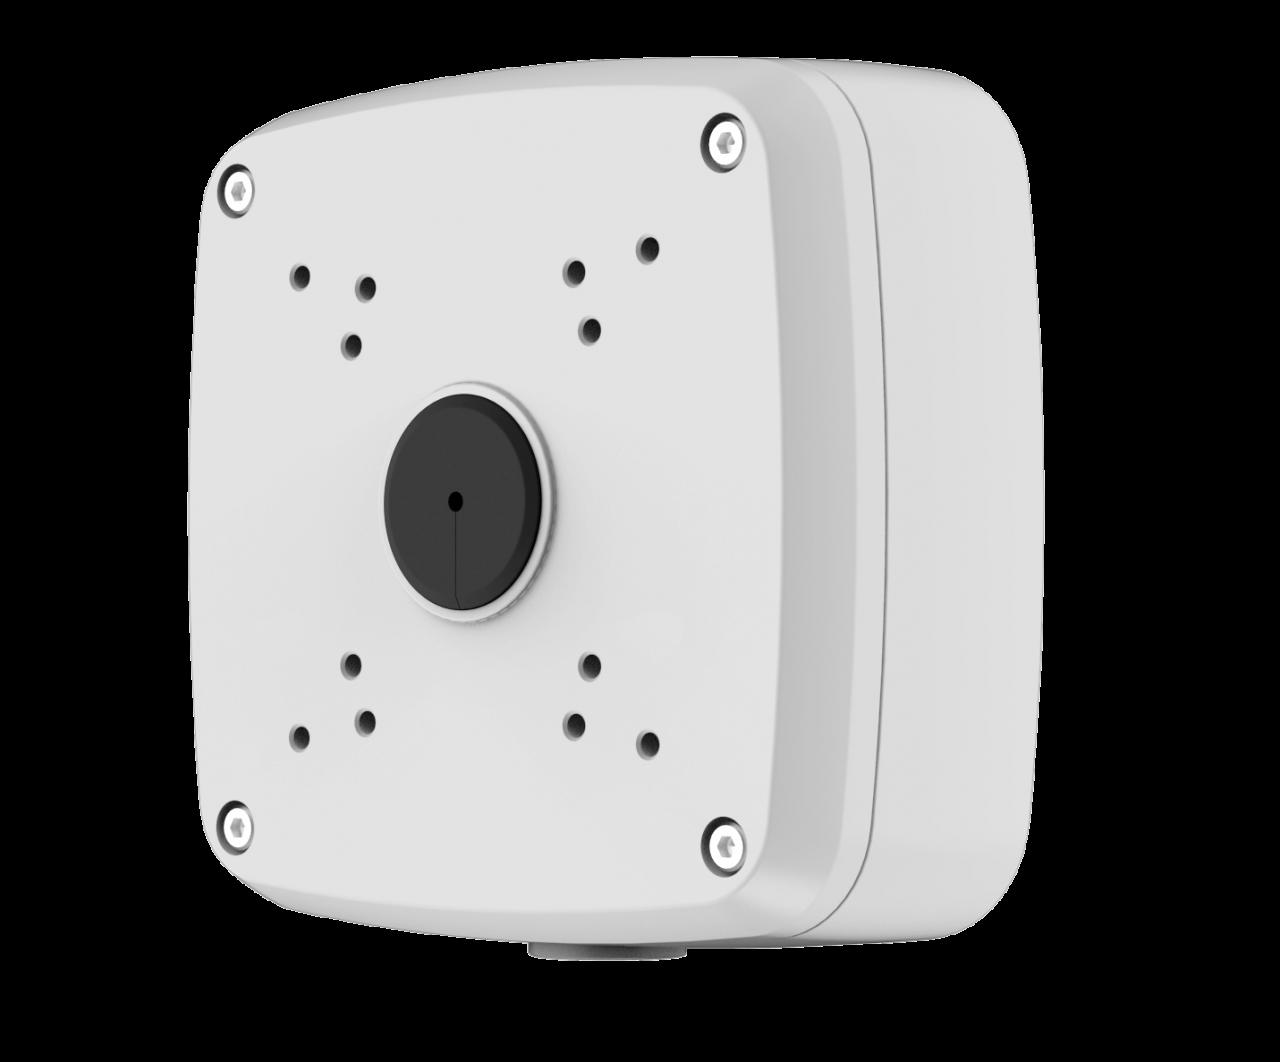 TURM witterungsfeste Anschlussbox IP66 aus Aluminium